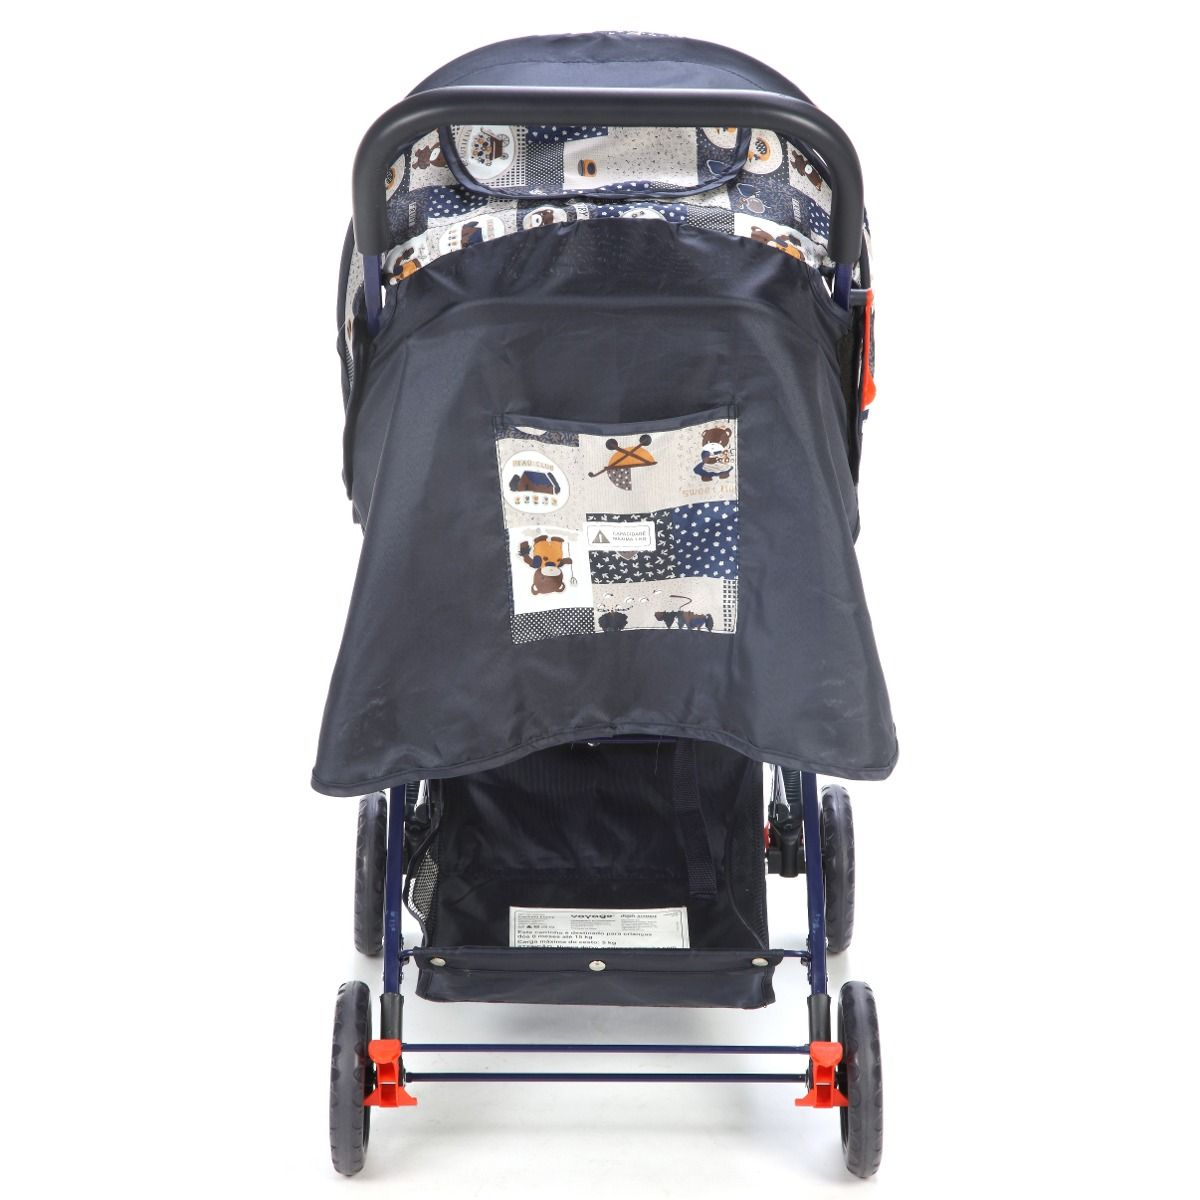 Carrinho de bebê vira Berço Reclinavel 3 posiçoes Funny Voyage Azul  - Doce Diversão